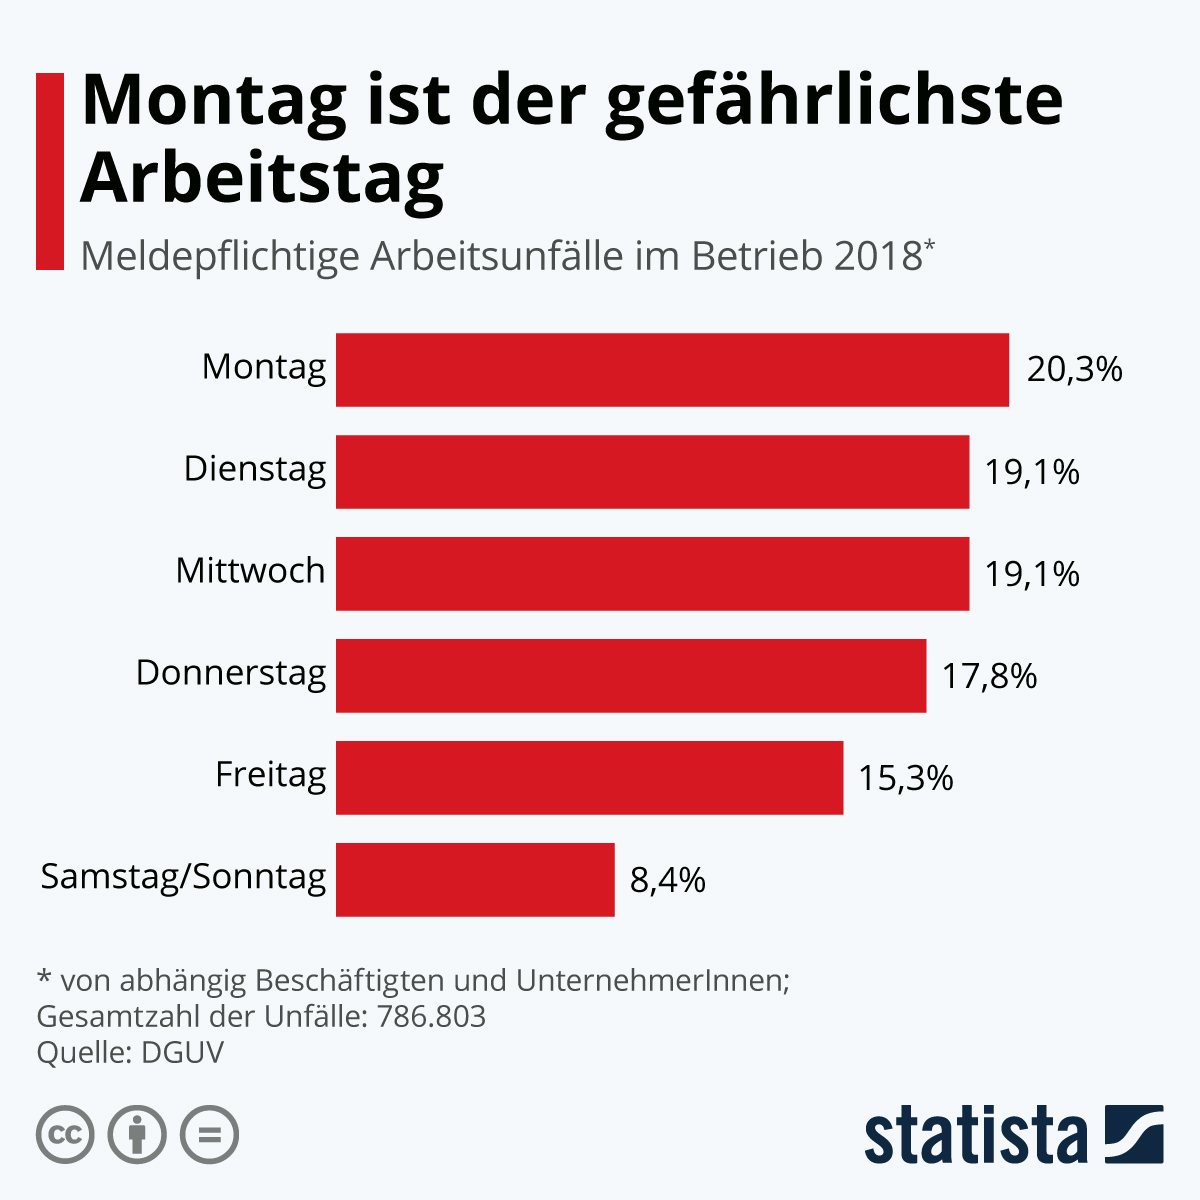 Infografik: Montag ist der gefährlichste Arbeitstag | Statista